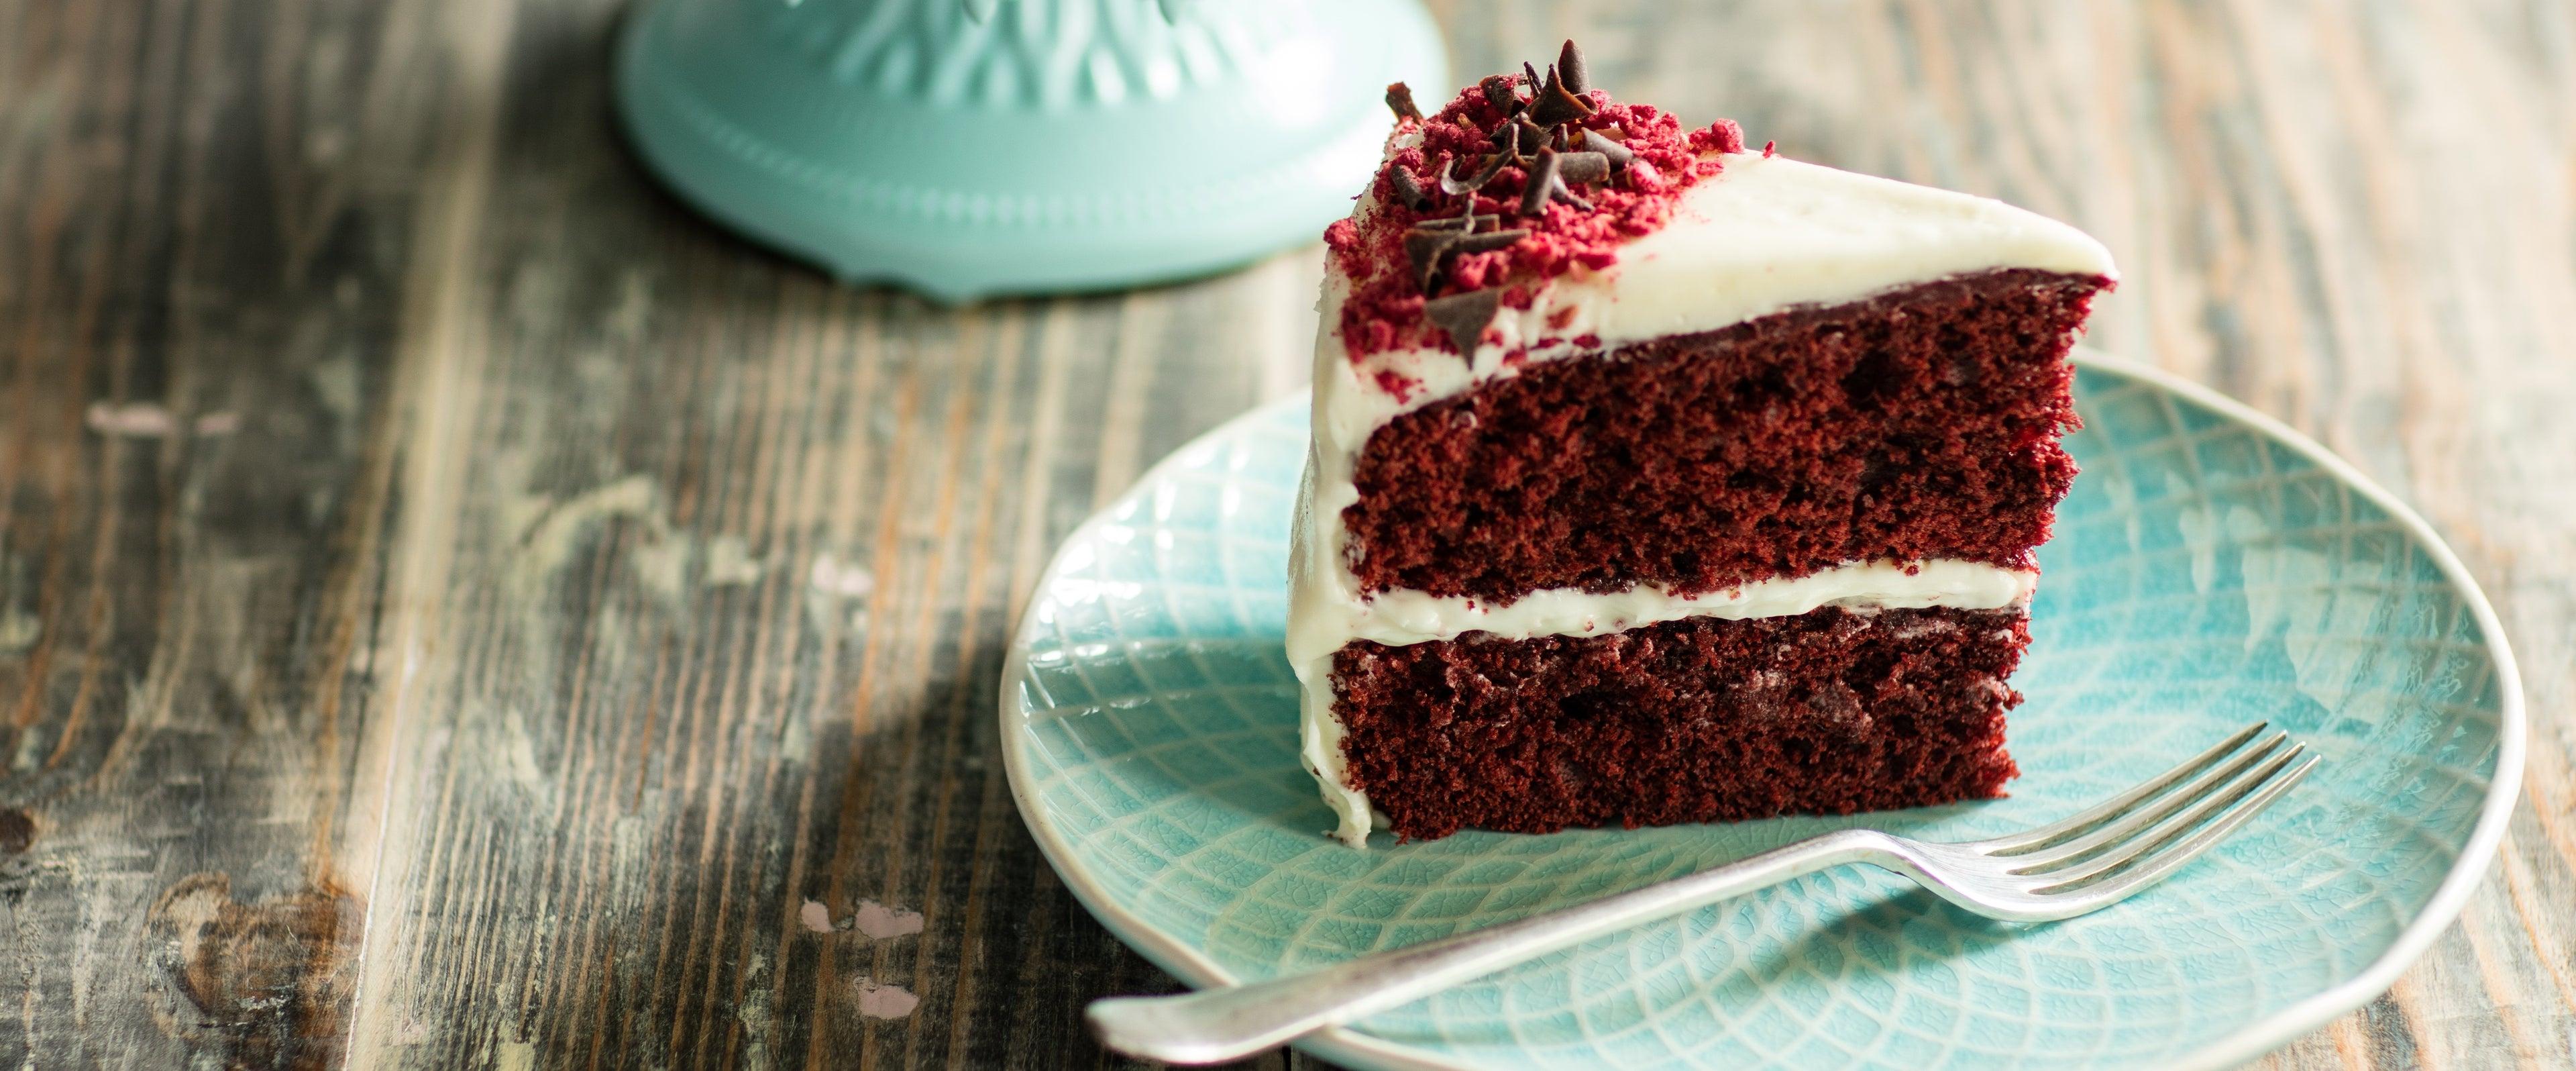 red-velvet-cake-header.jpg